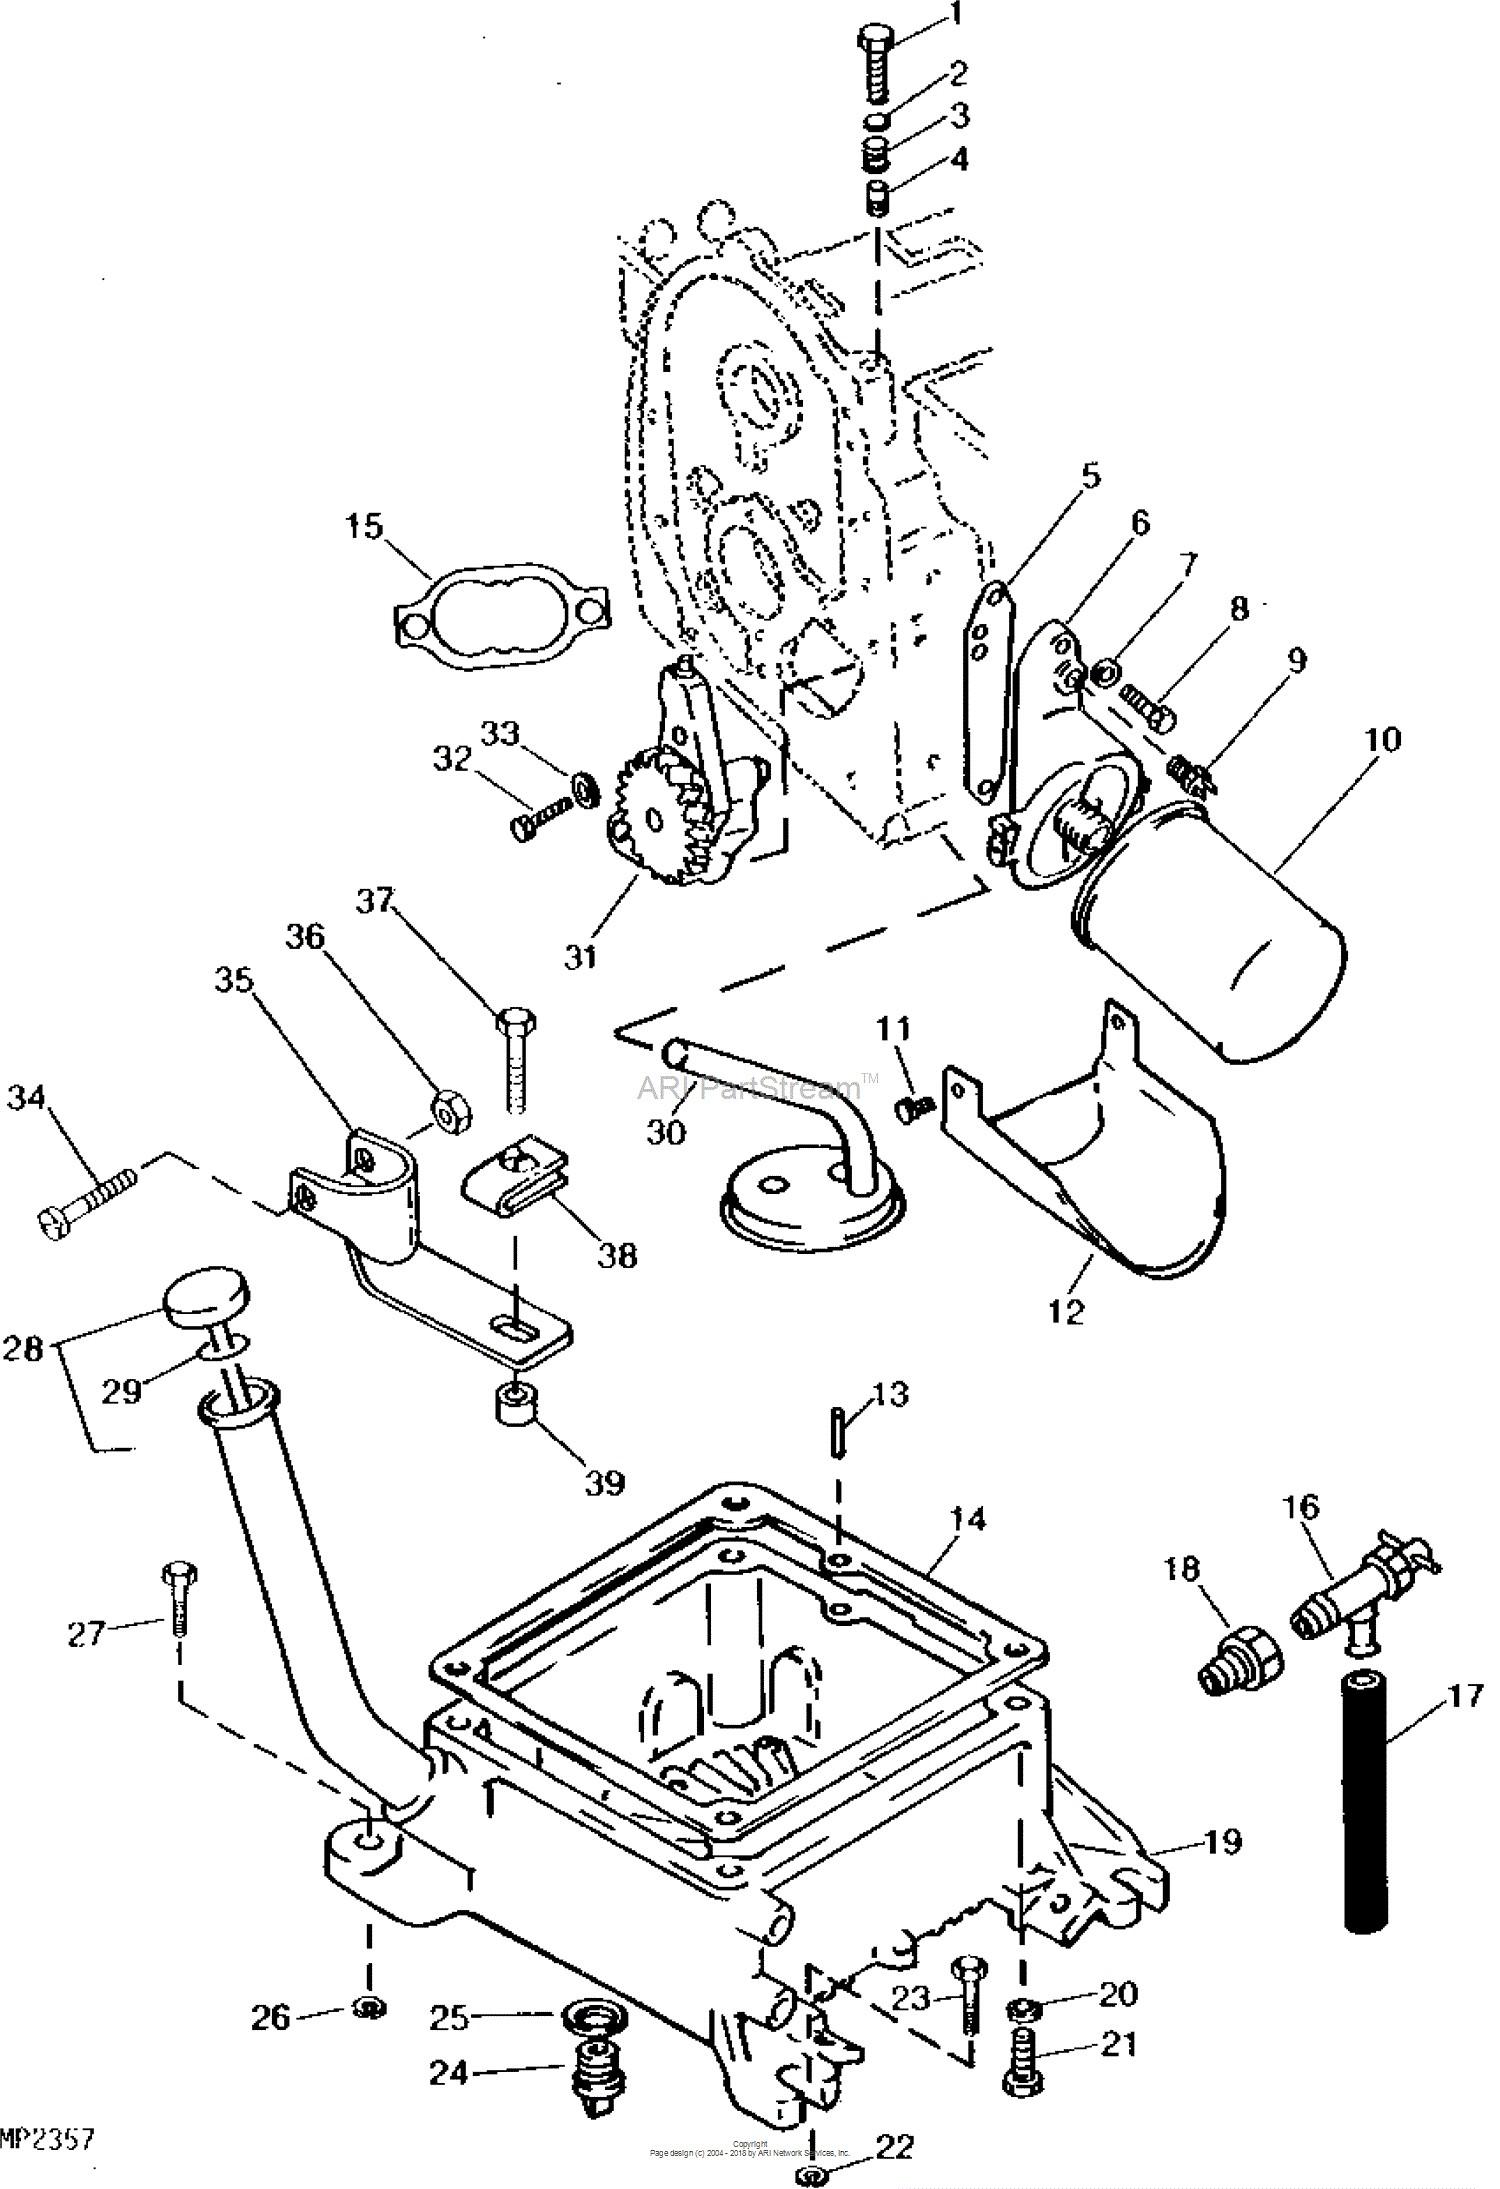 onan engine parts diagram